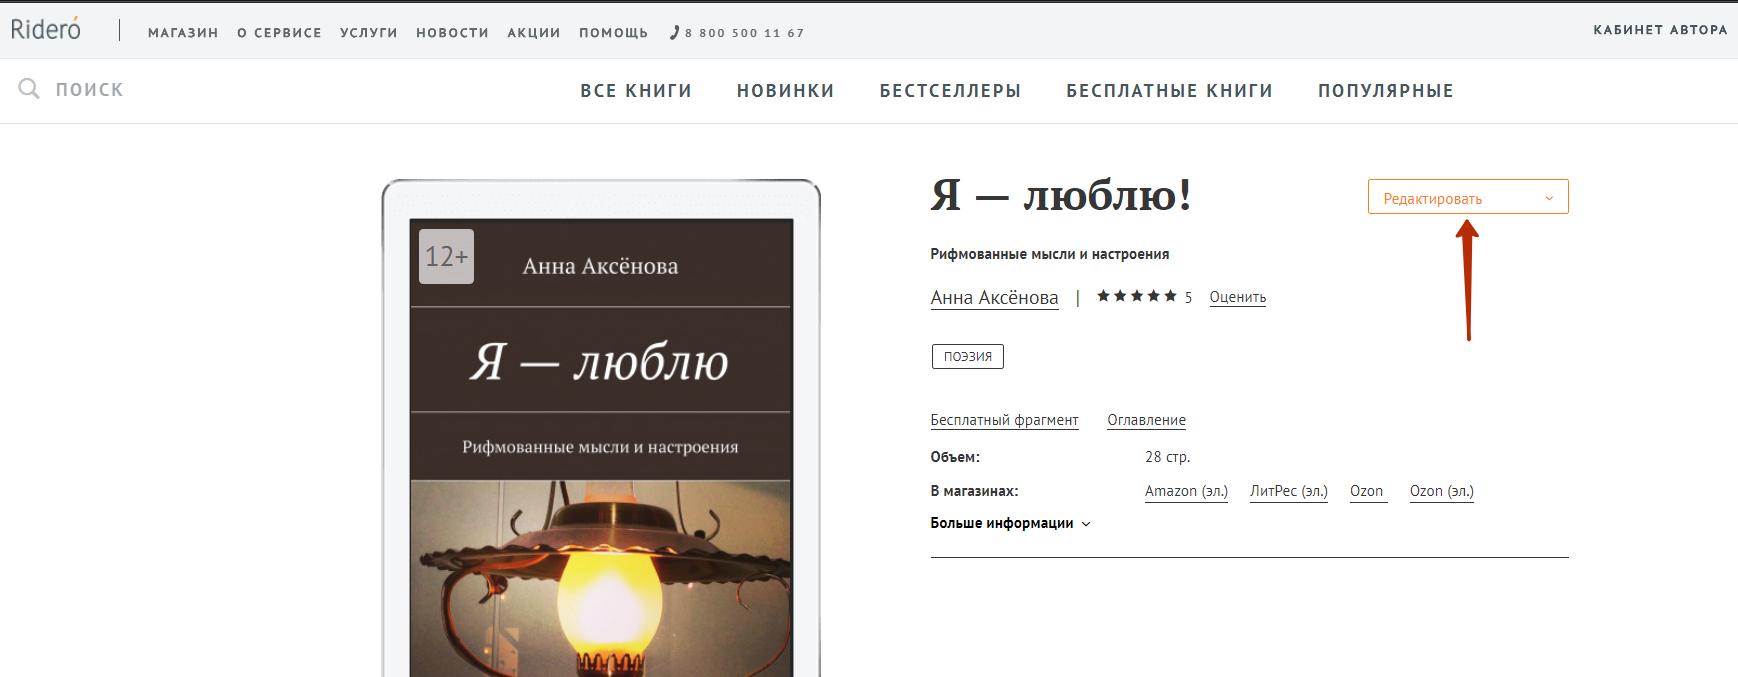 Редактирование_сайта_01.png (1742×678)